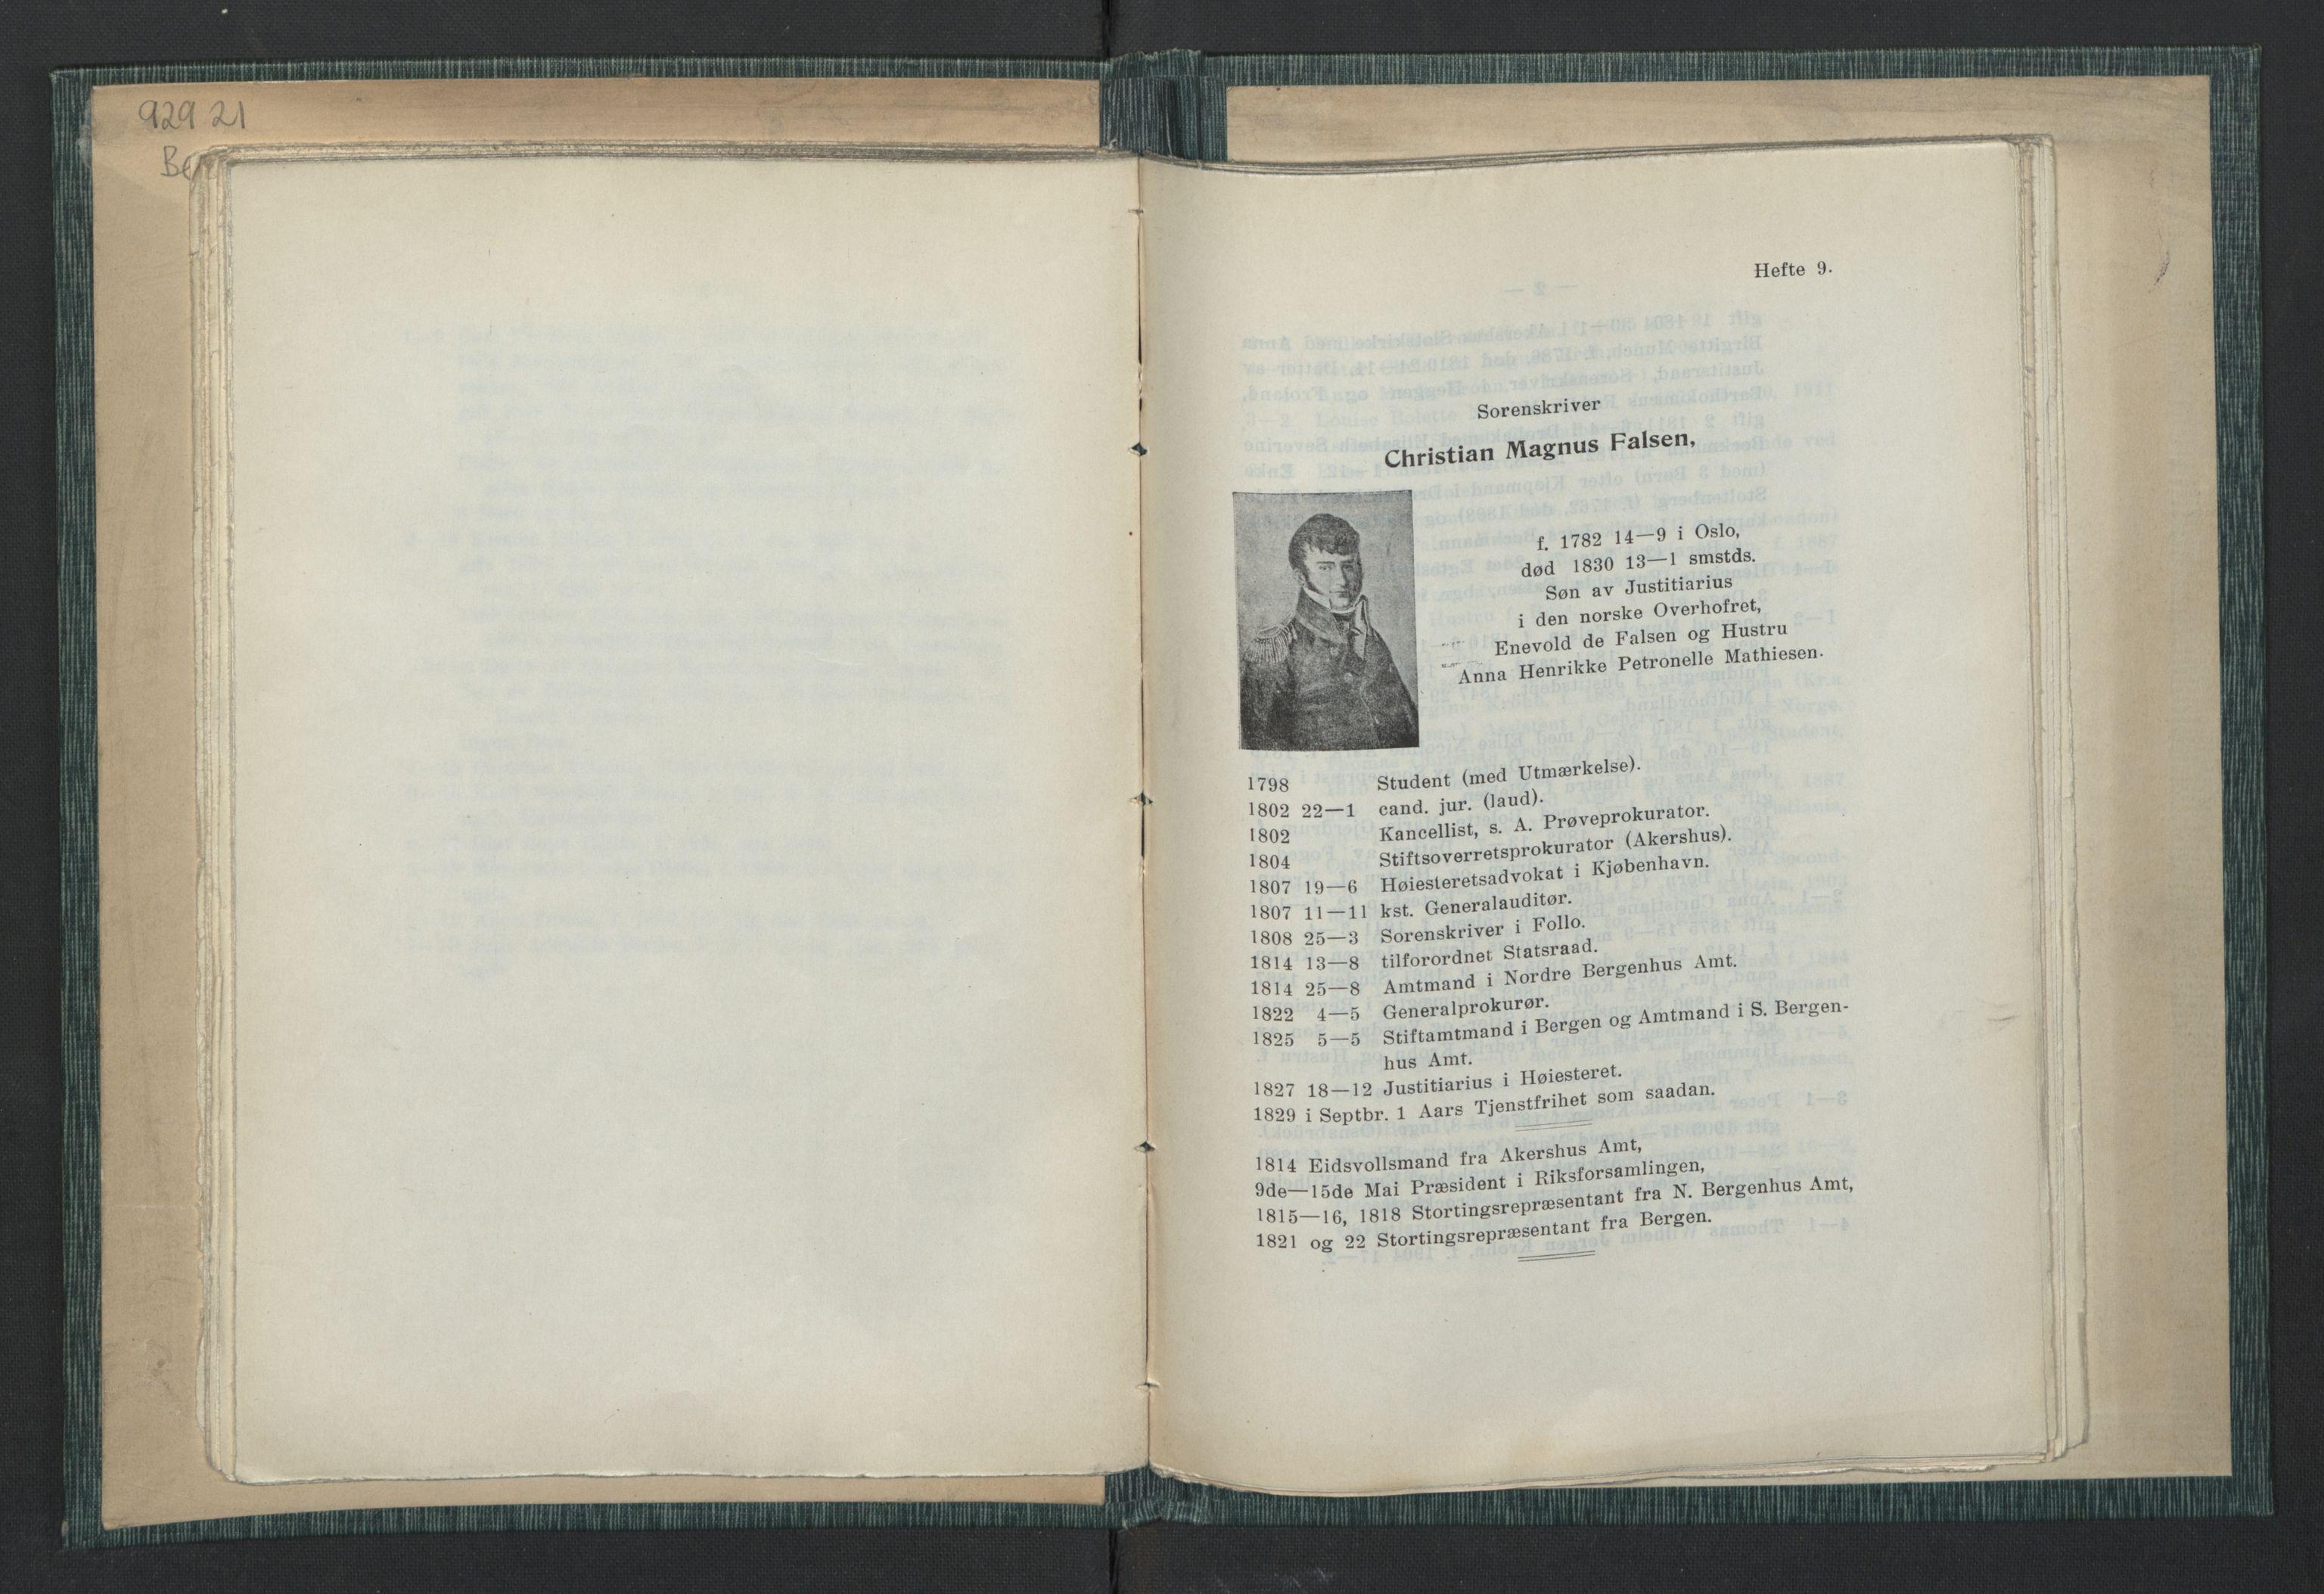 RA, Publikasjoner*, 1914, s. 41